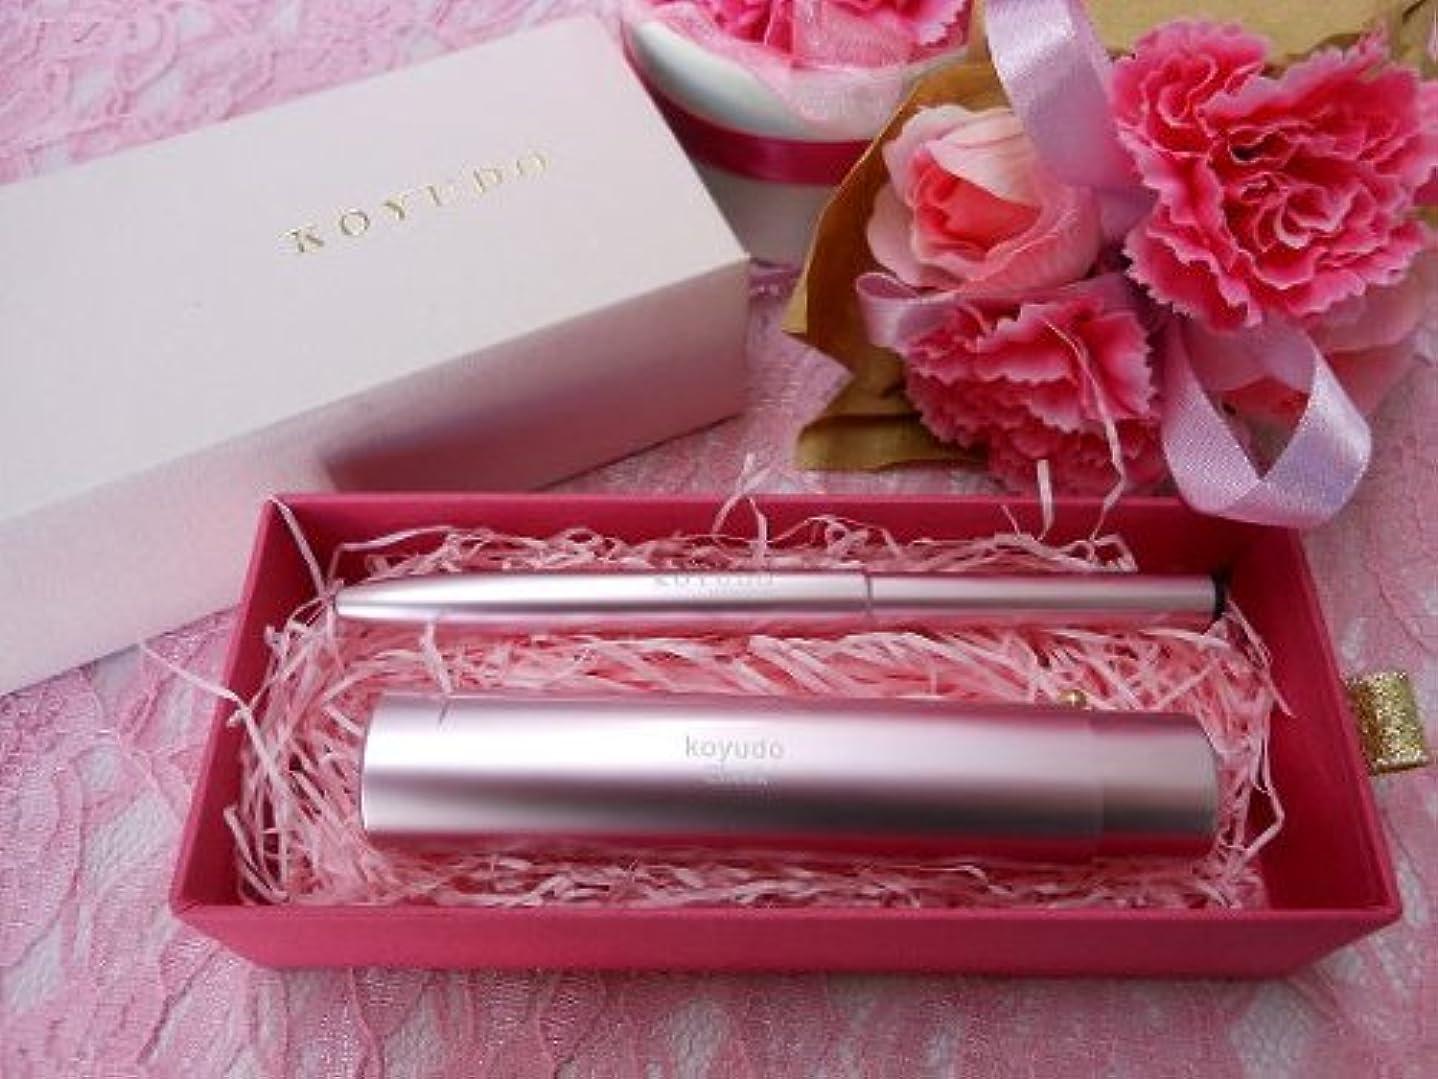 剪断墓地マカダム熊野 化粧筆 携帯リップブラシ&携帯チーク&ハイライトセット ピンク&ピンク